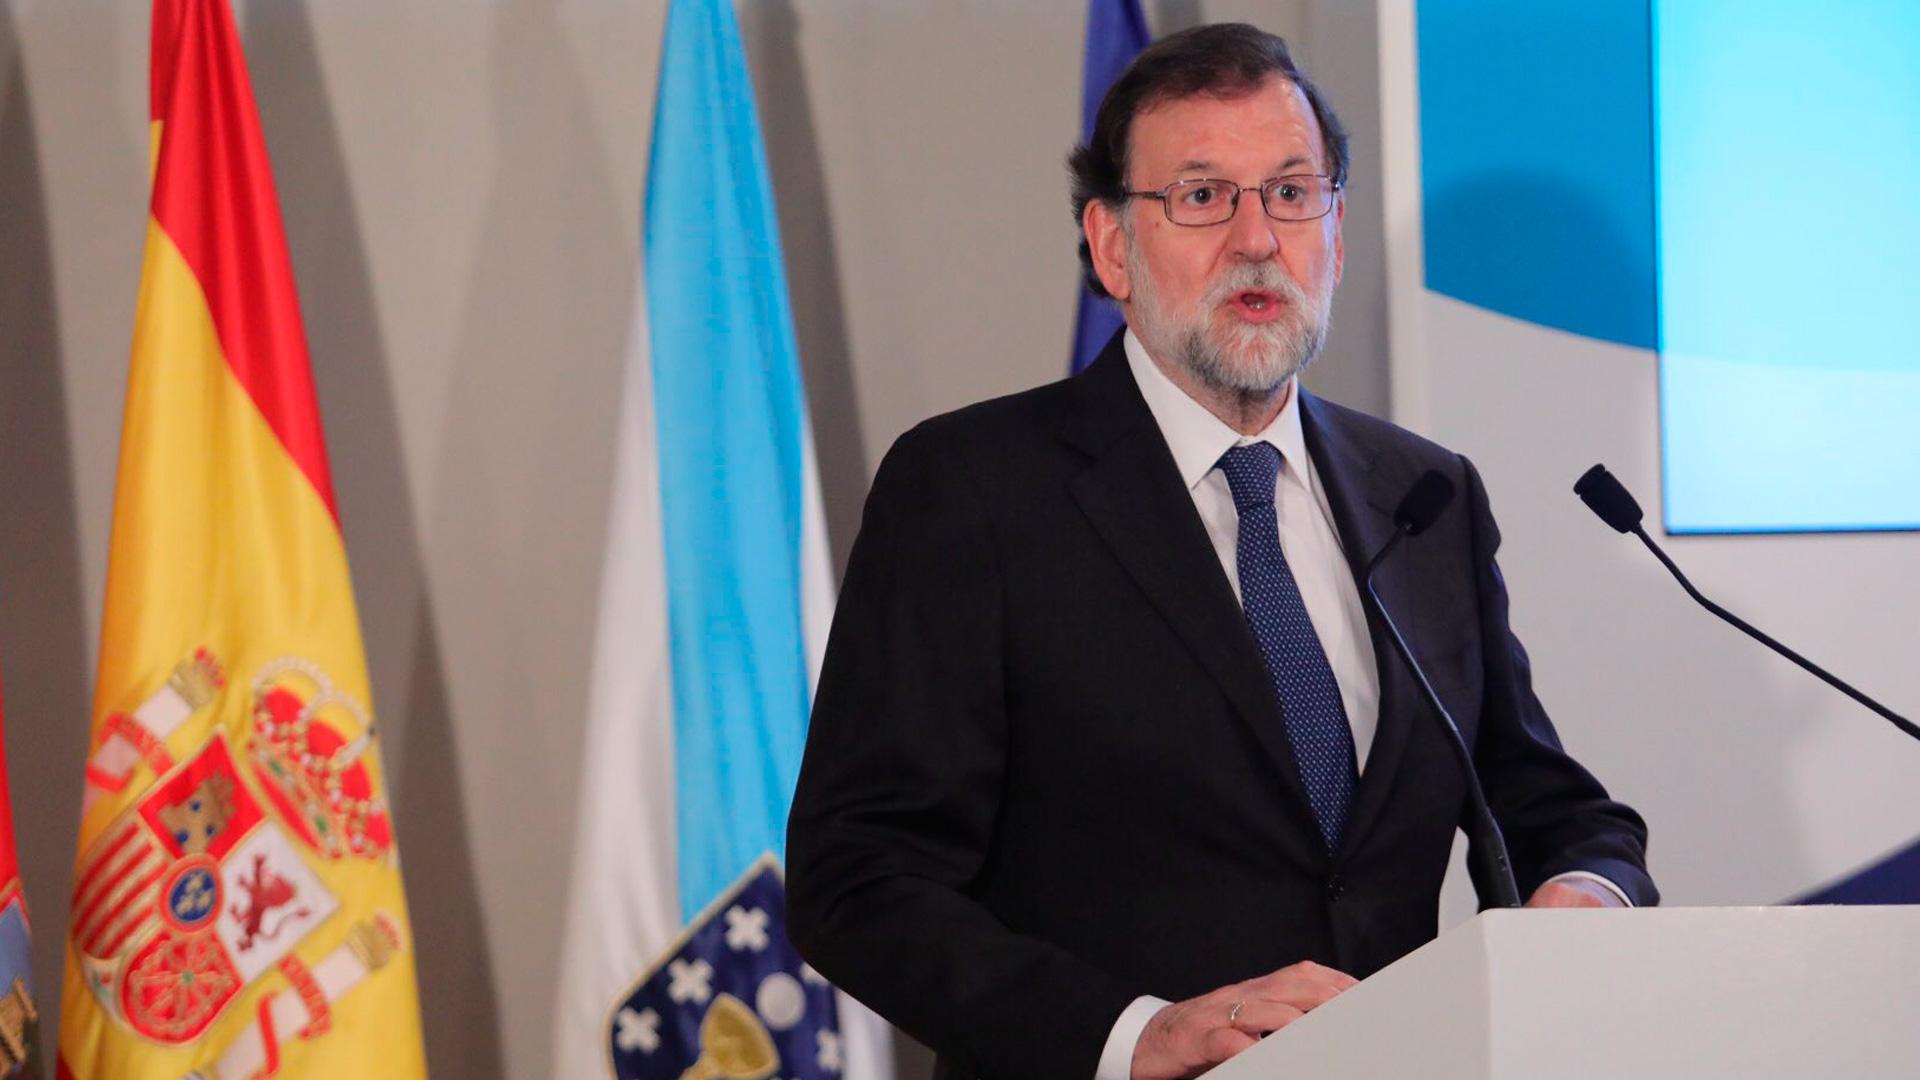 """Rajoy reclama a Torra """"un gobierno viable, que cumpla la ley"""" y """"capaz de dialogar en serio"""""""